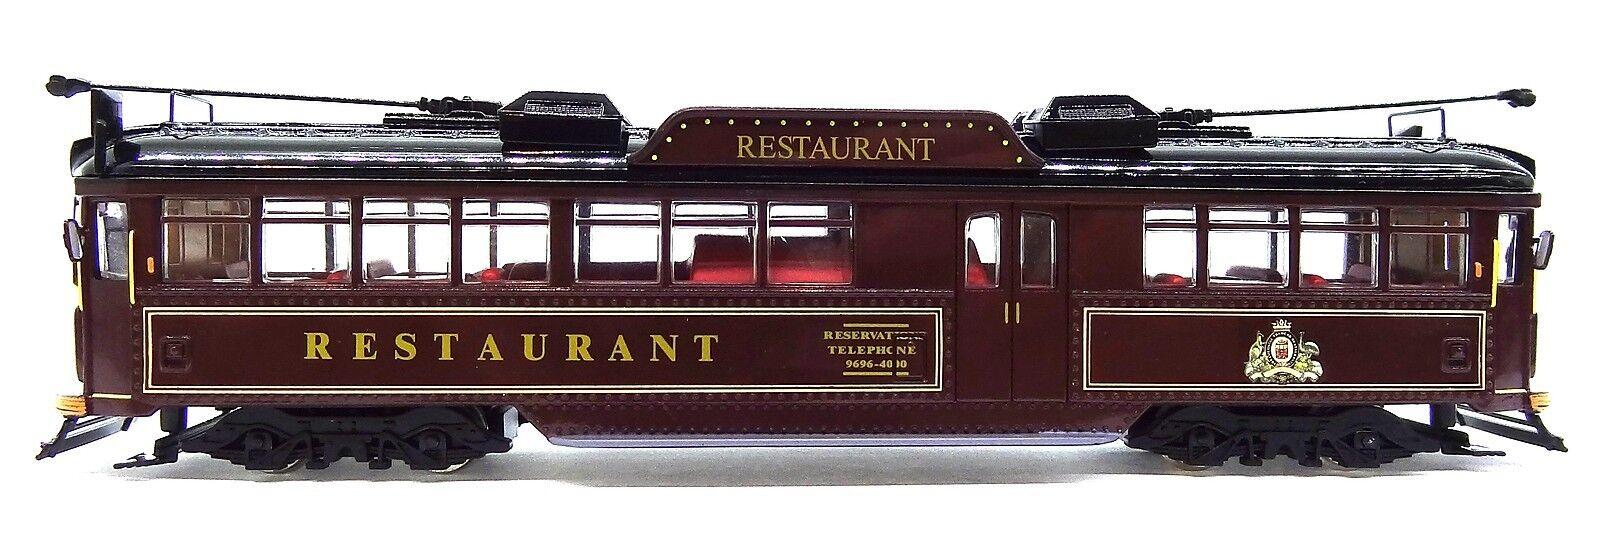 buen precio Escala 1 76 Melbourne Melbourne Melbourne W6 clase tranvía Tranvía-Restaurante  precioso